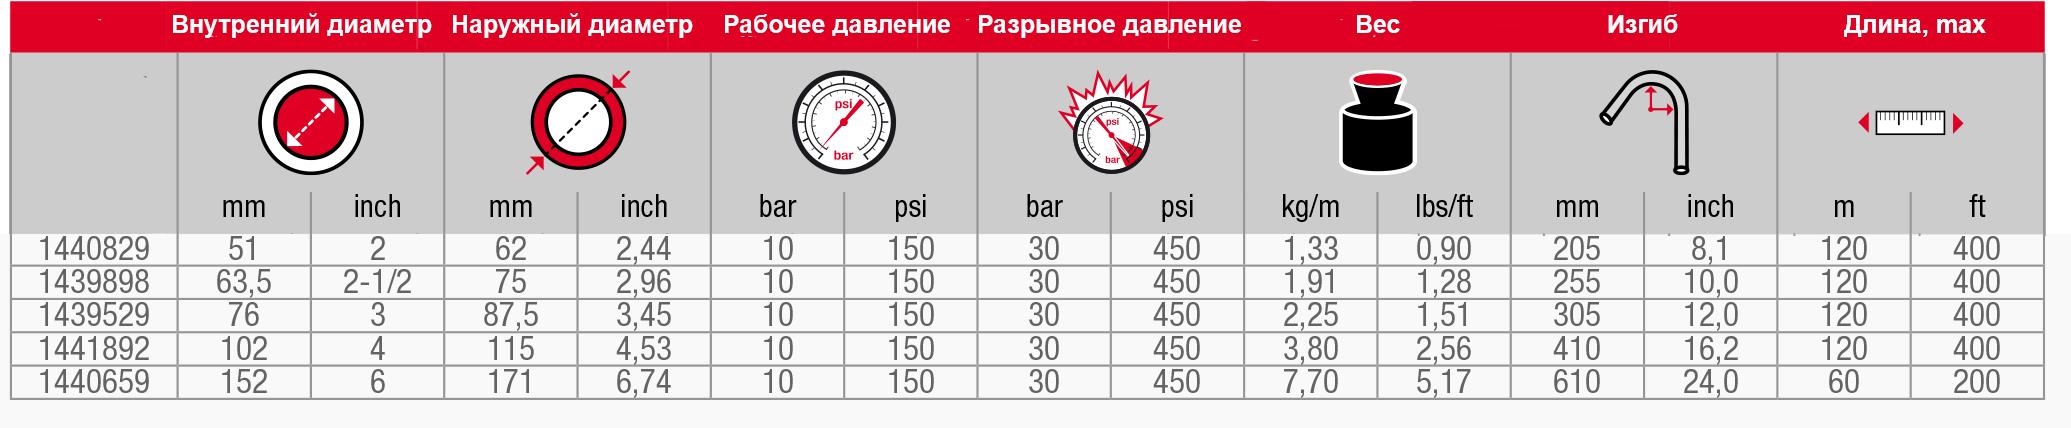 Масляный шланг Oil Minsk